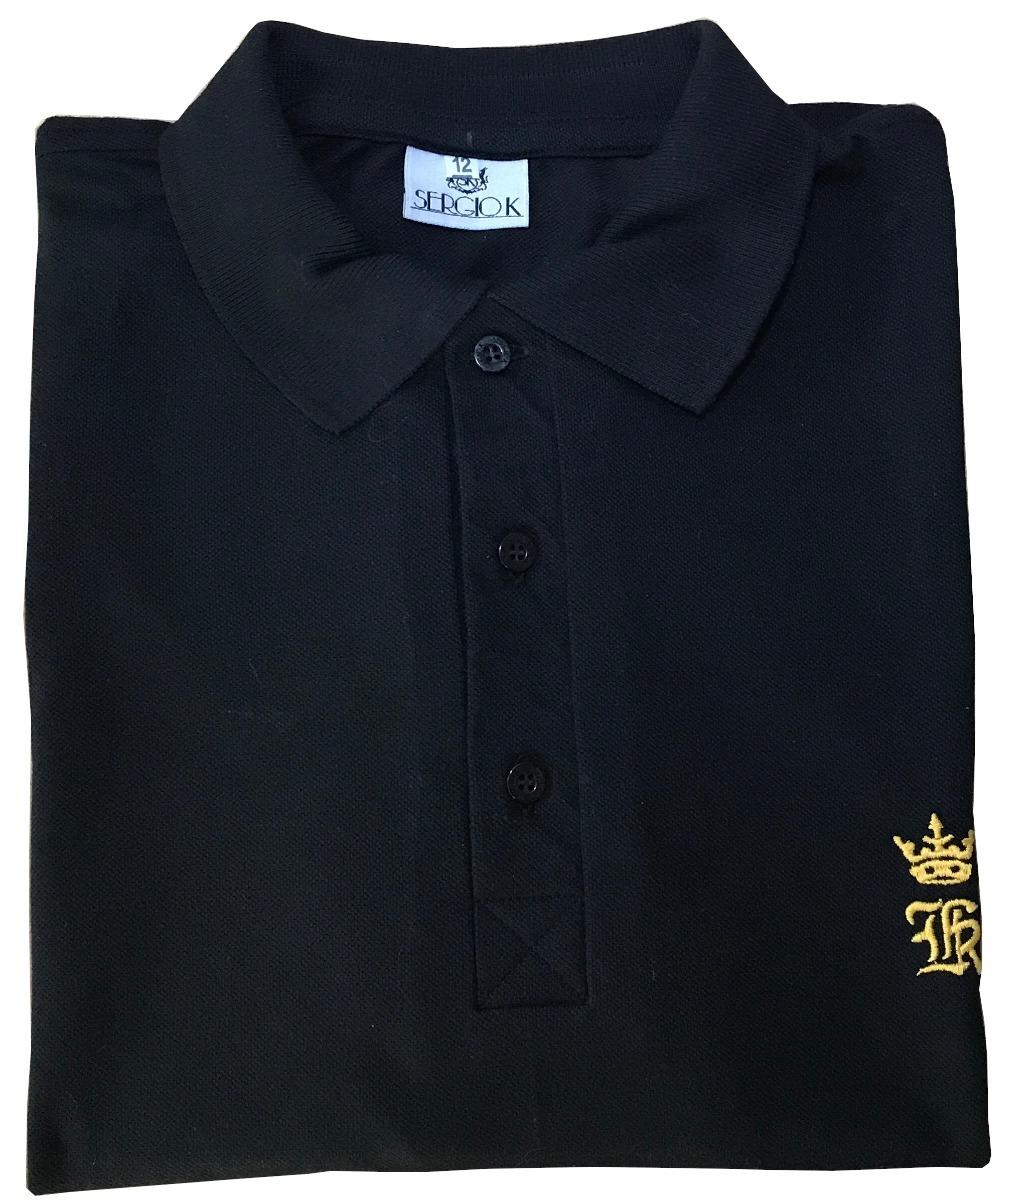 camisa polo tamanho extra grande plus size g1 g2 g3 g4. Carregando zoom. a6179c3b66ed5